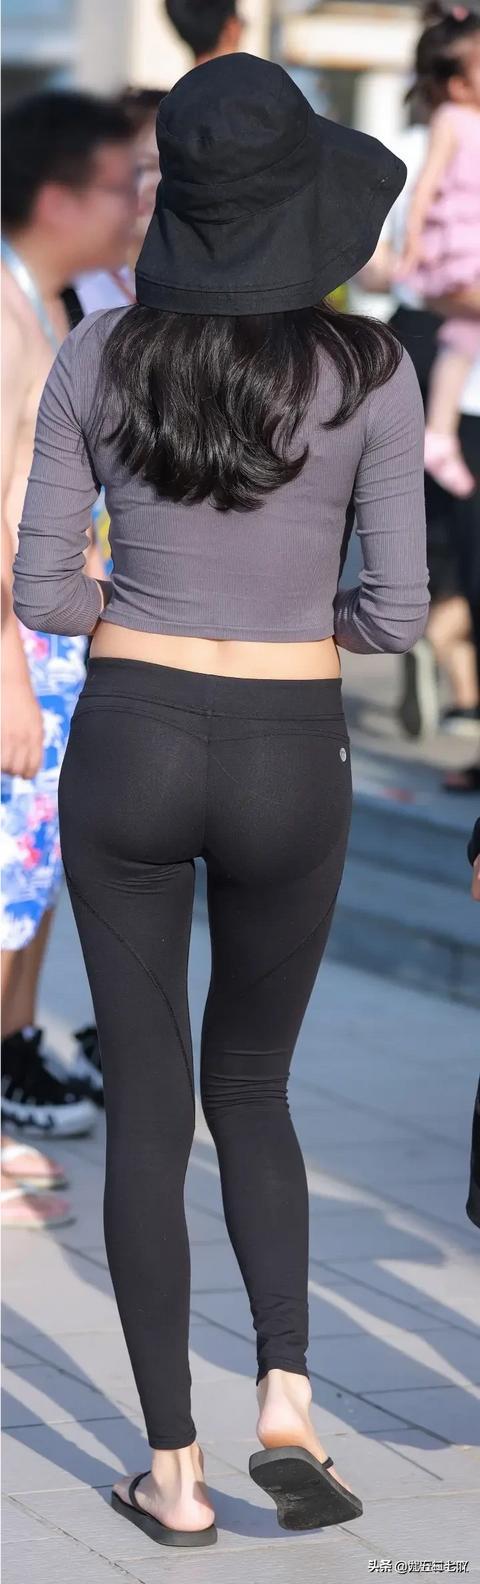 紧身裤两块凸,腰细屁股翘的女生怎么买裤子?